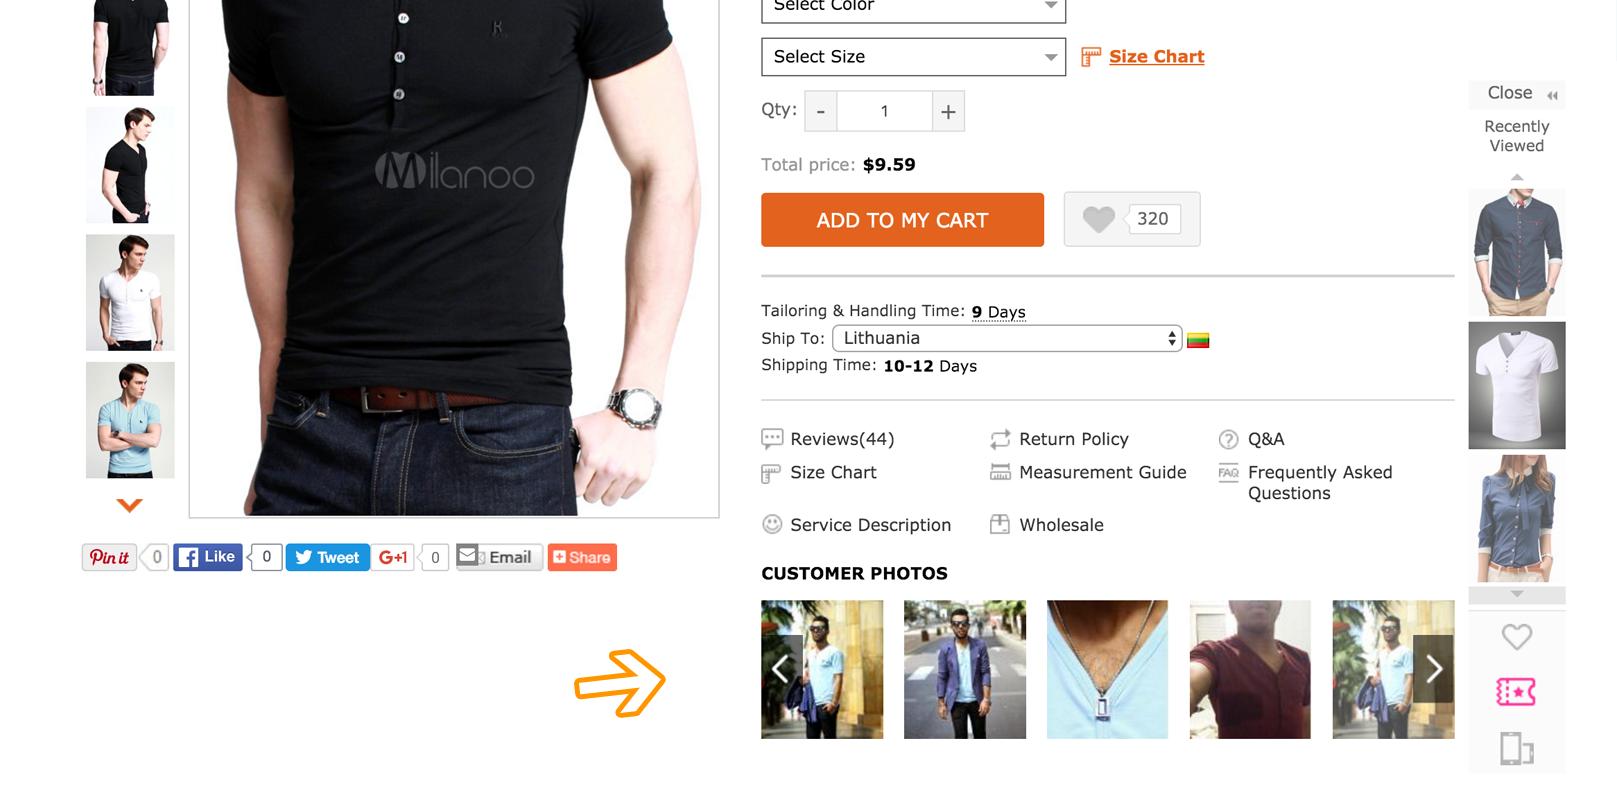 thiết kế website bán hàng tối ưu lamwebchuanseo.com